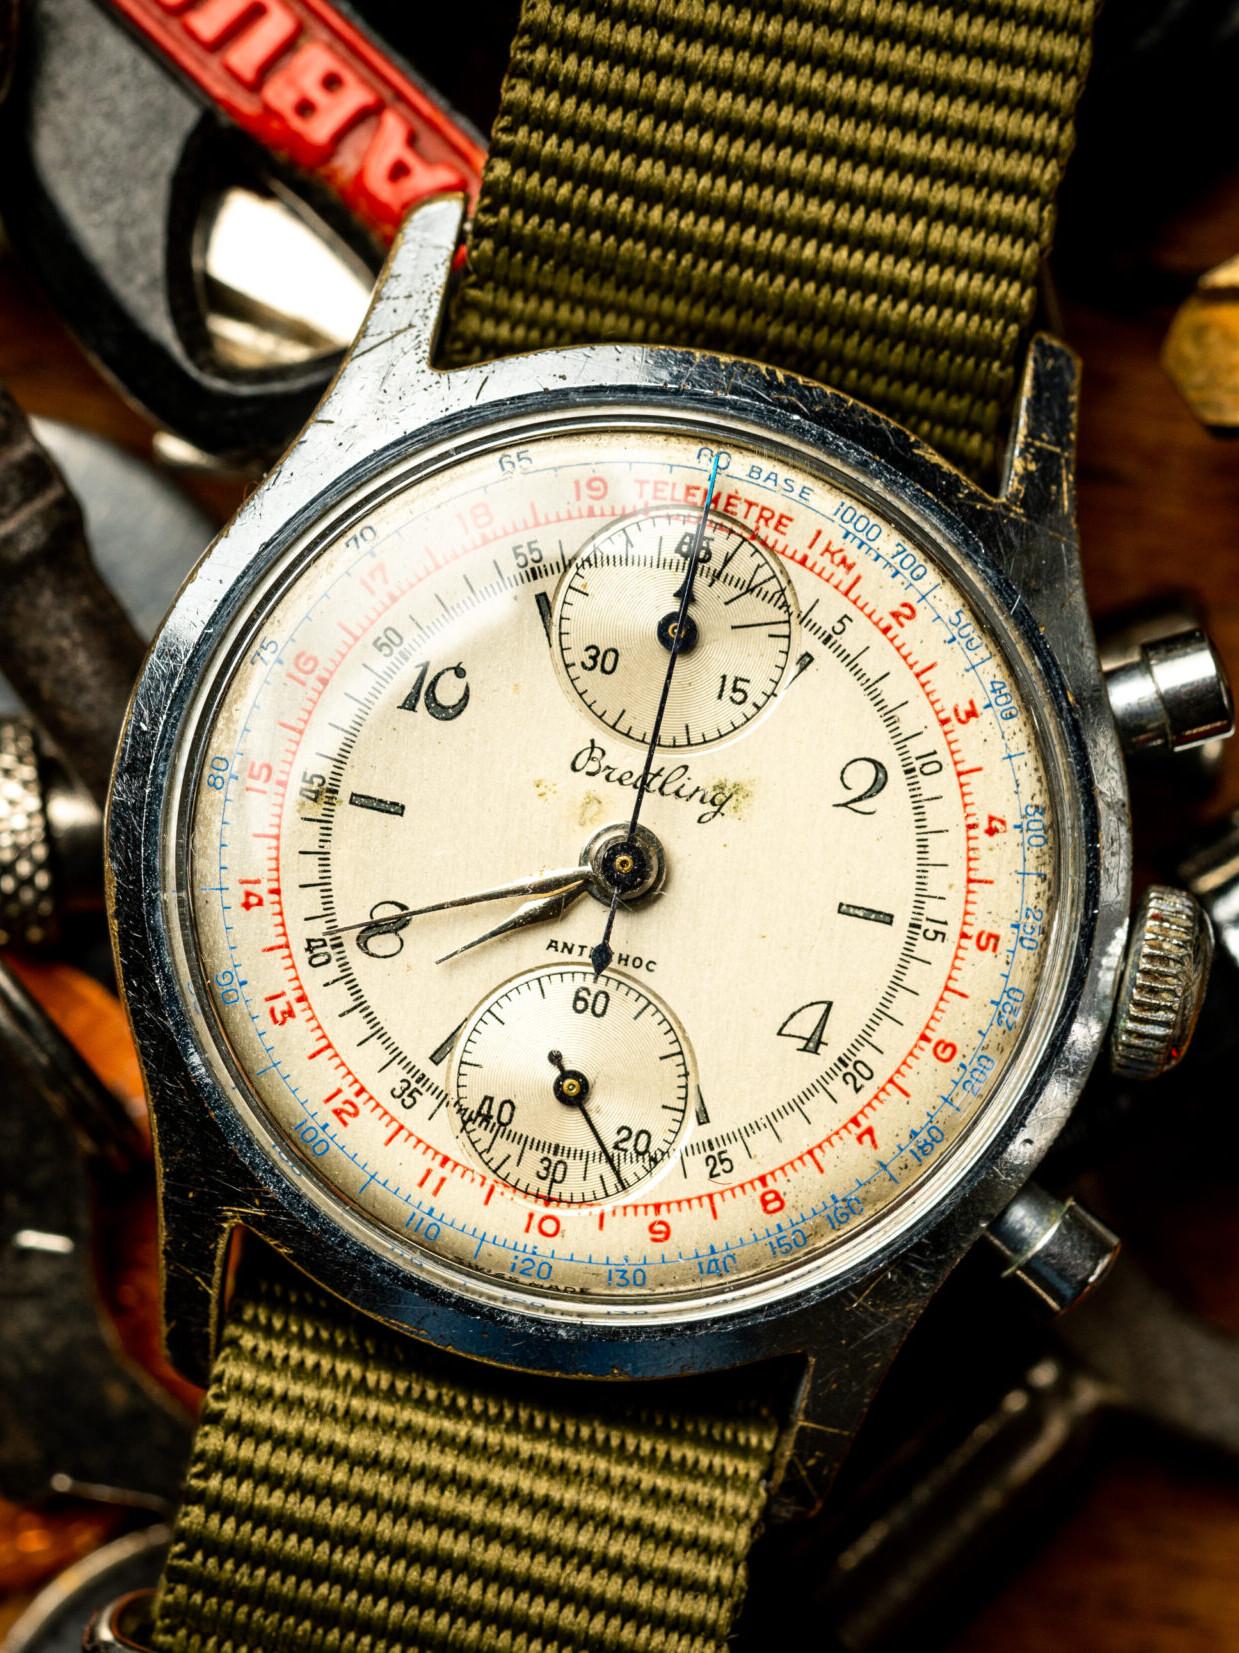 vintage breitling chronograaf verchroomd tachymeter horloge